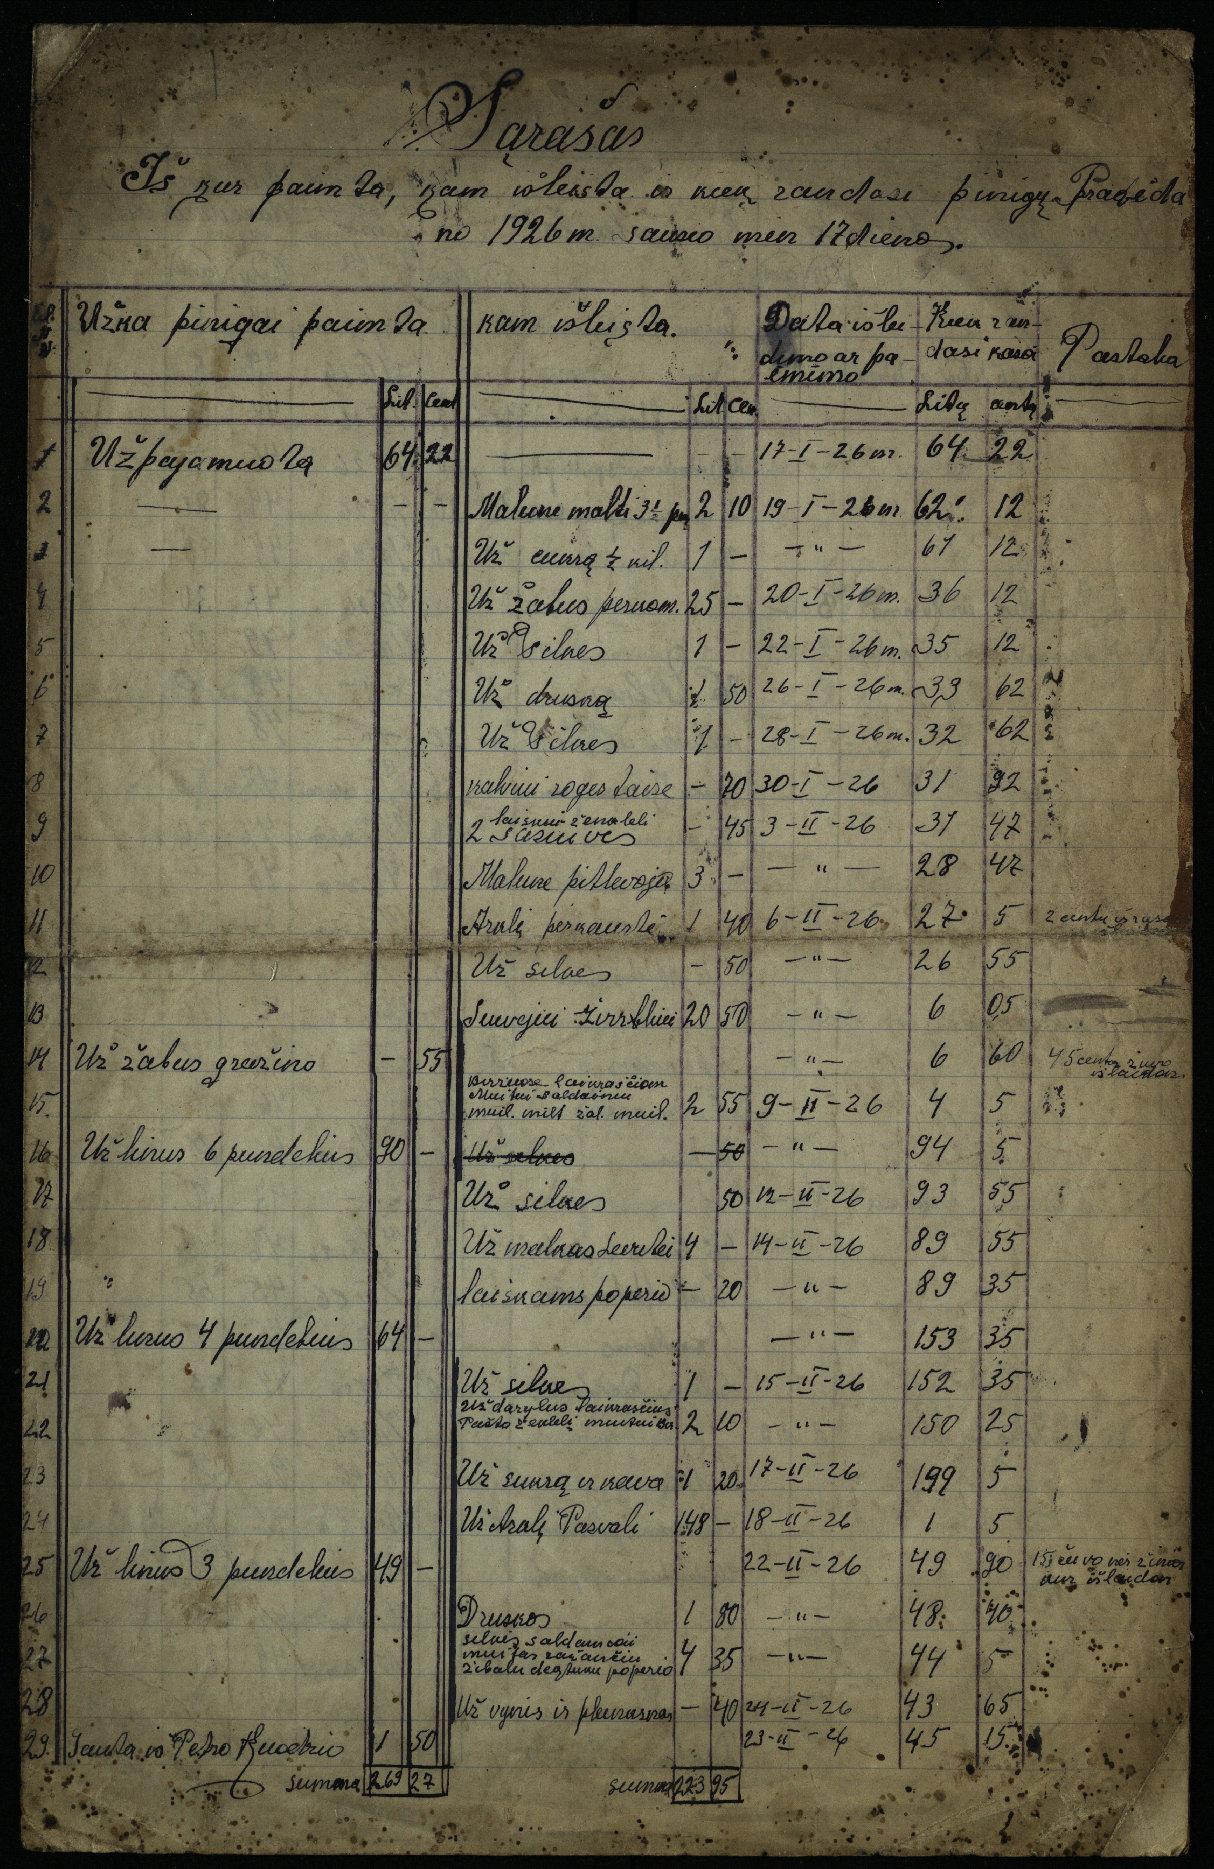 Išlaidų ir pajamų sąrašas, 1926 m.